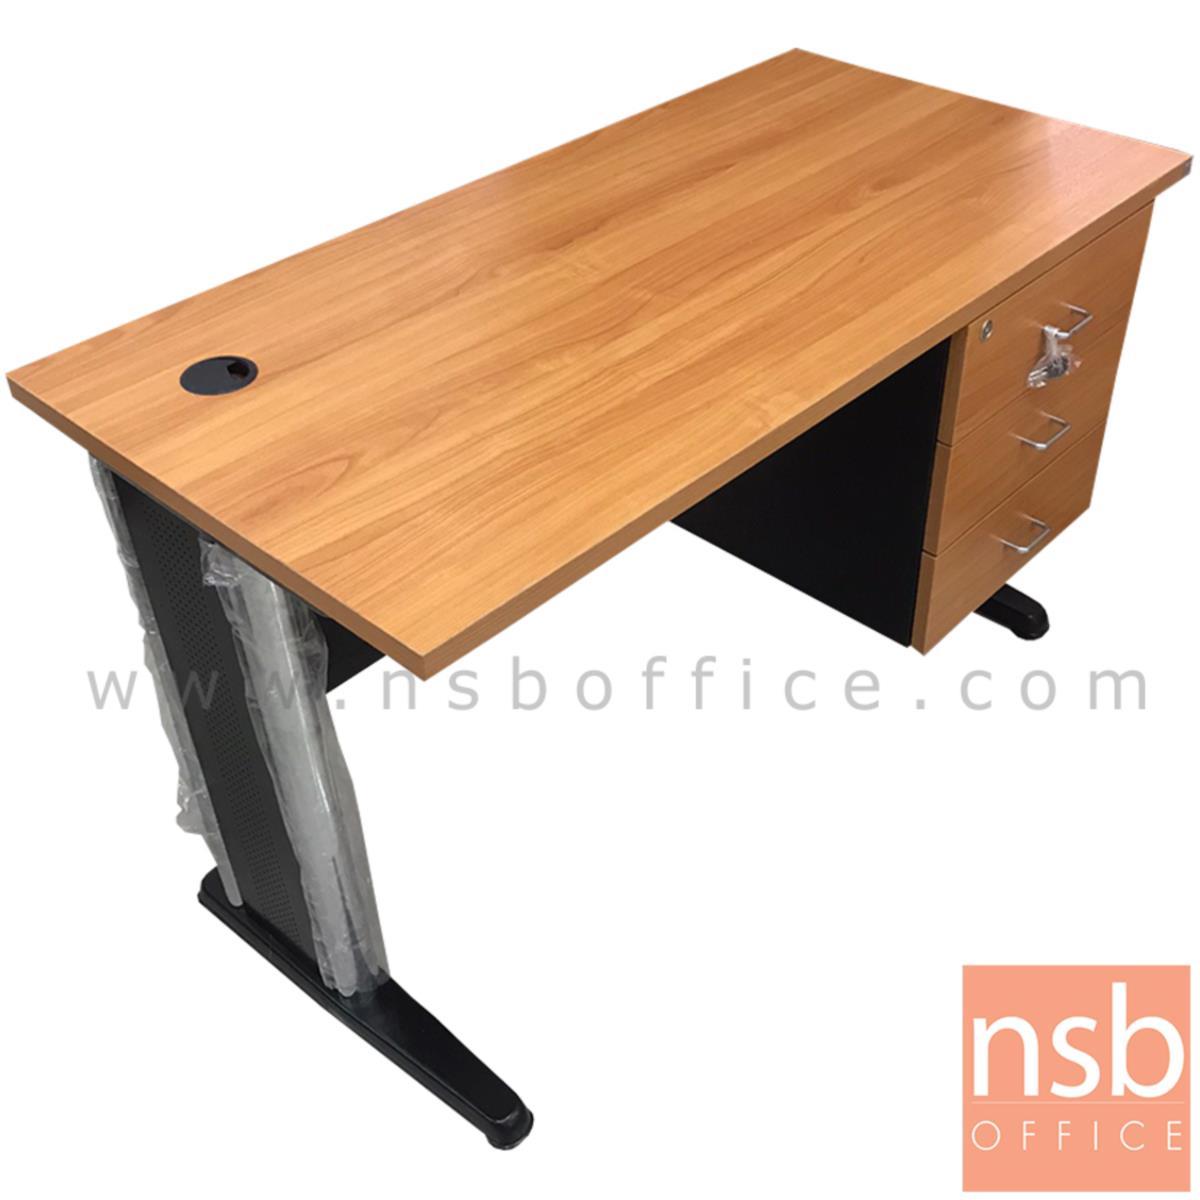 โต๊ะทำงาน 3 ลิ้นชัก  ขนาด 120W*74H cm. ขาเหล็ก สีเชอร์รี่ดำ